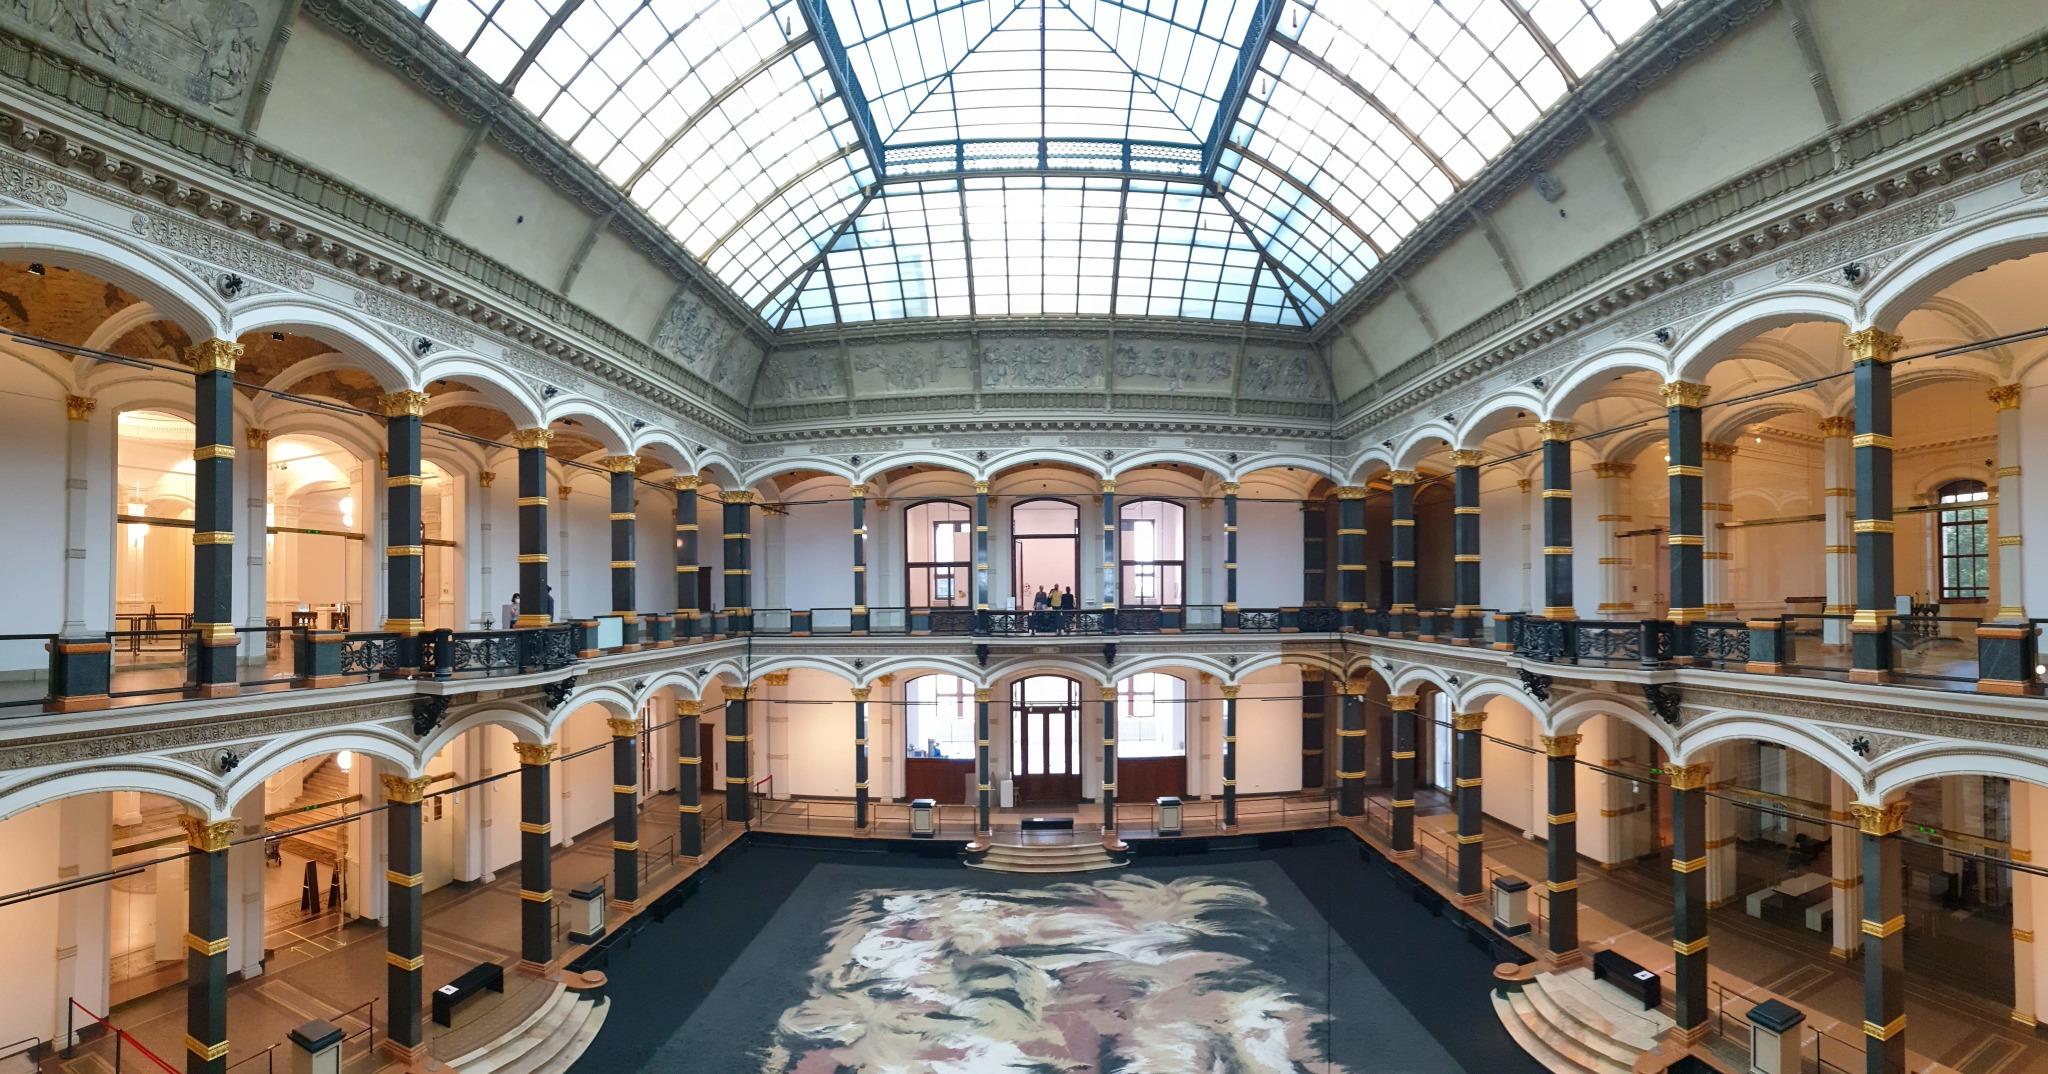 muzeum gropius bau berlin wystawy